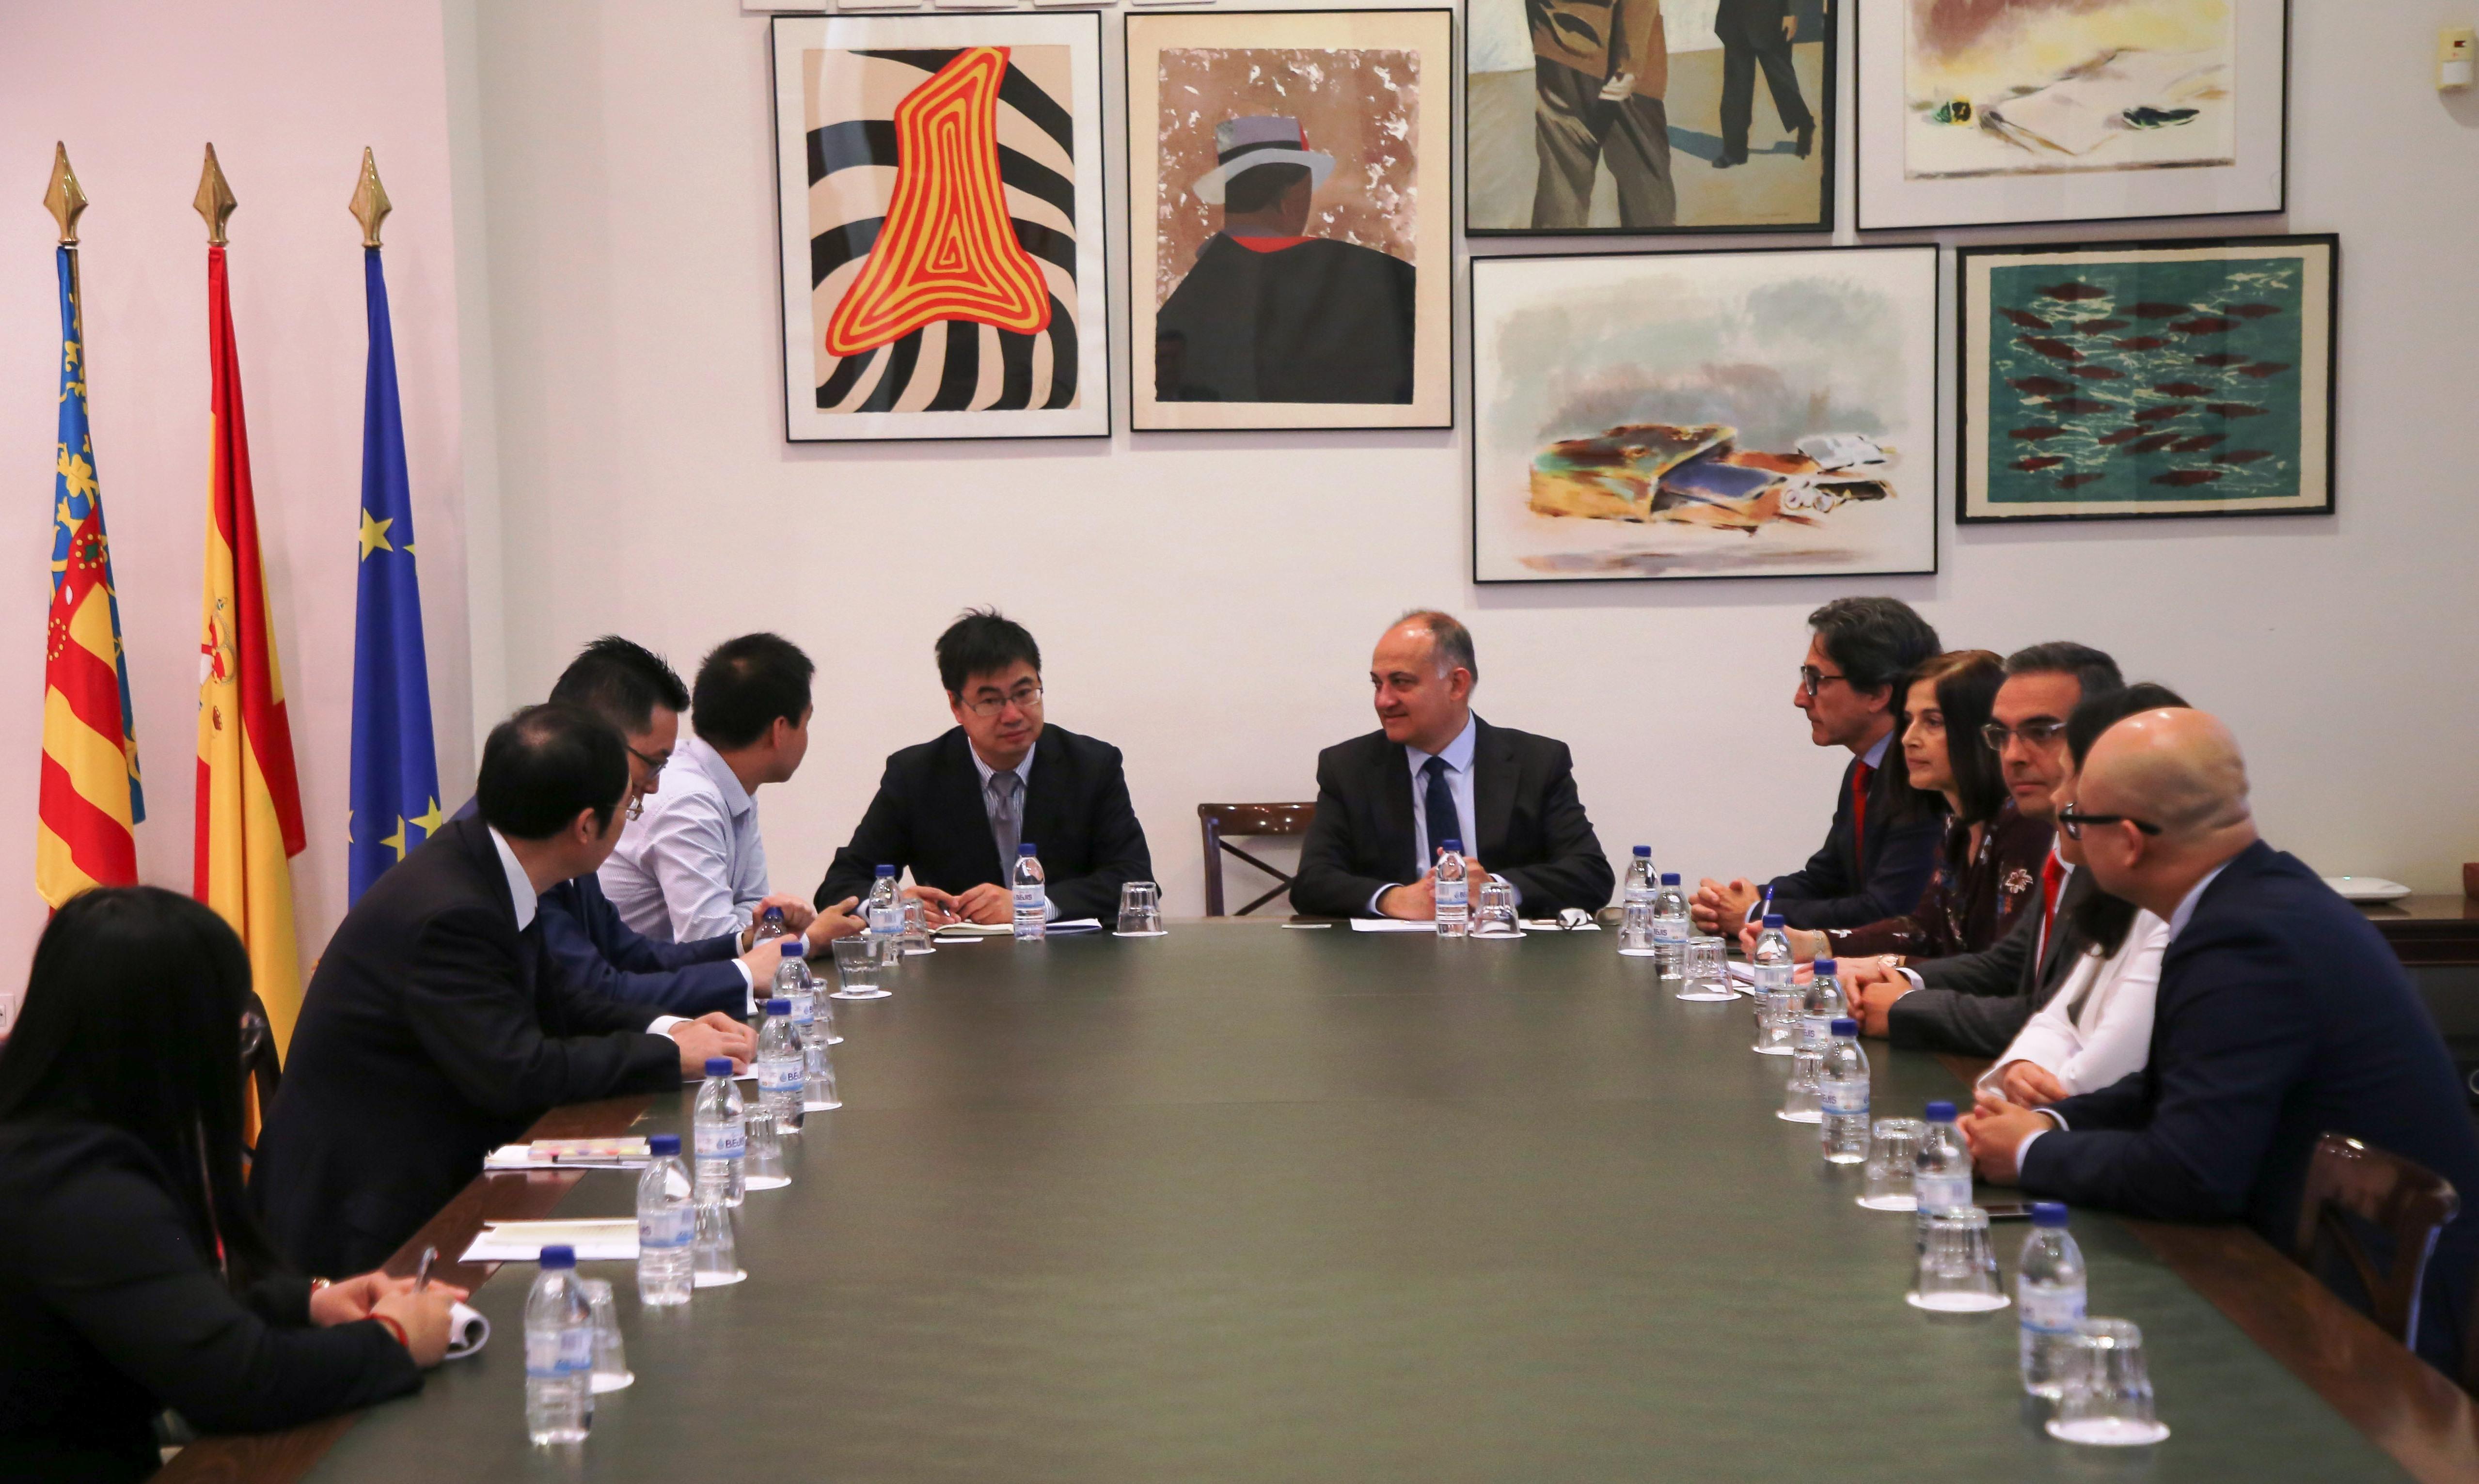 Calabuig es reuneix amb una delegació de la província xinesa de Shandong per a explorar vies de col·laboració educativa i tecnològica